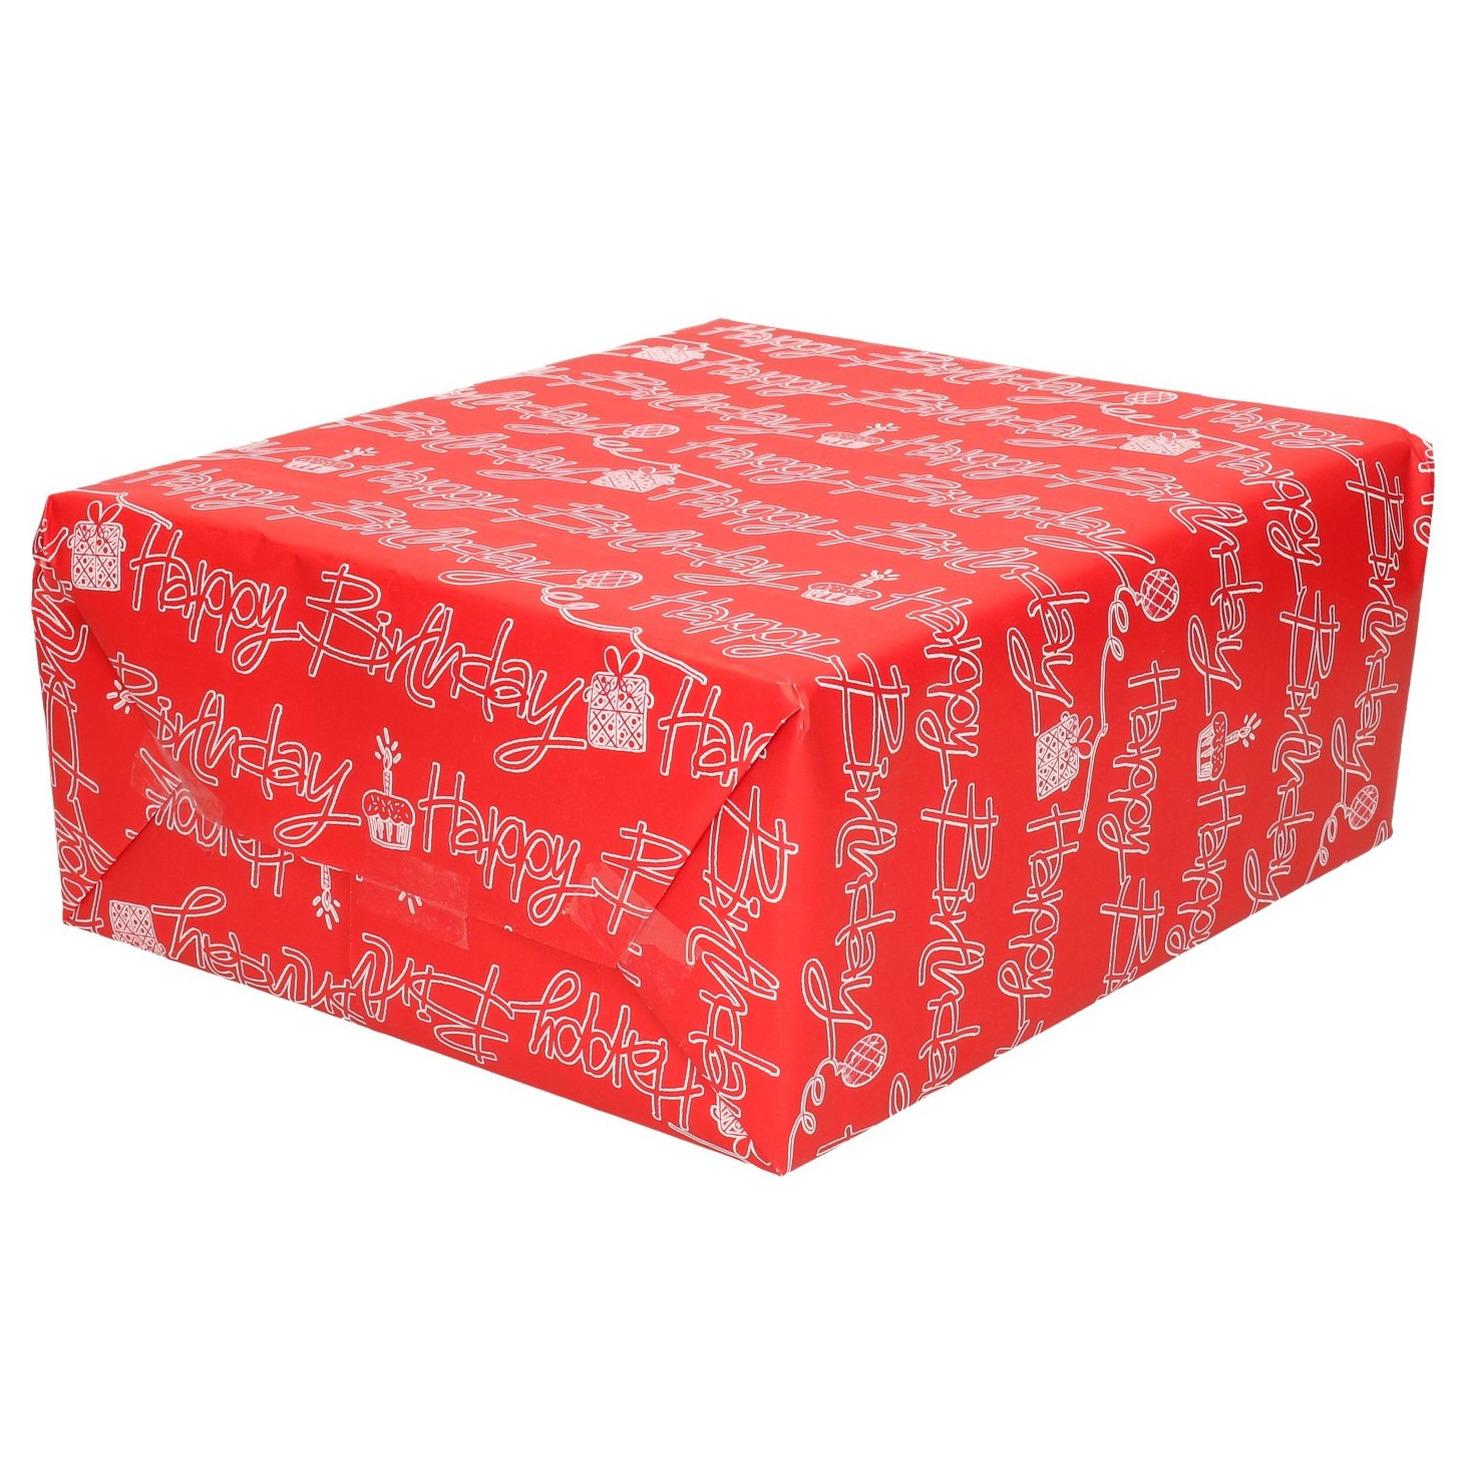 Rollen Rood cadeaupapier met witte happy birthday tekst 70 x 200 cm